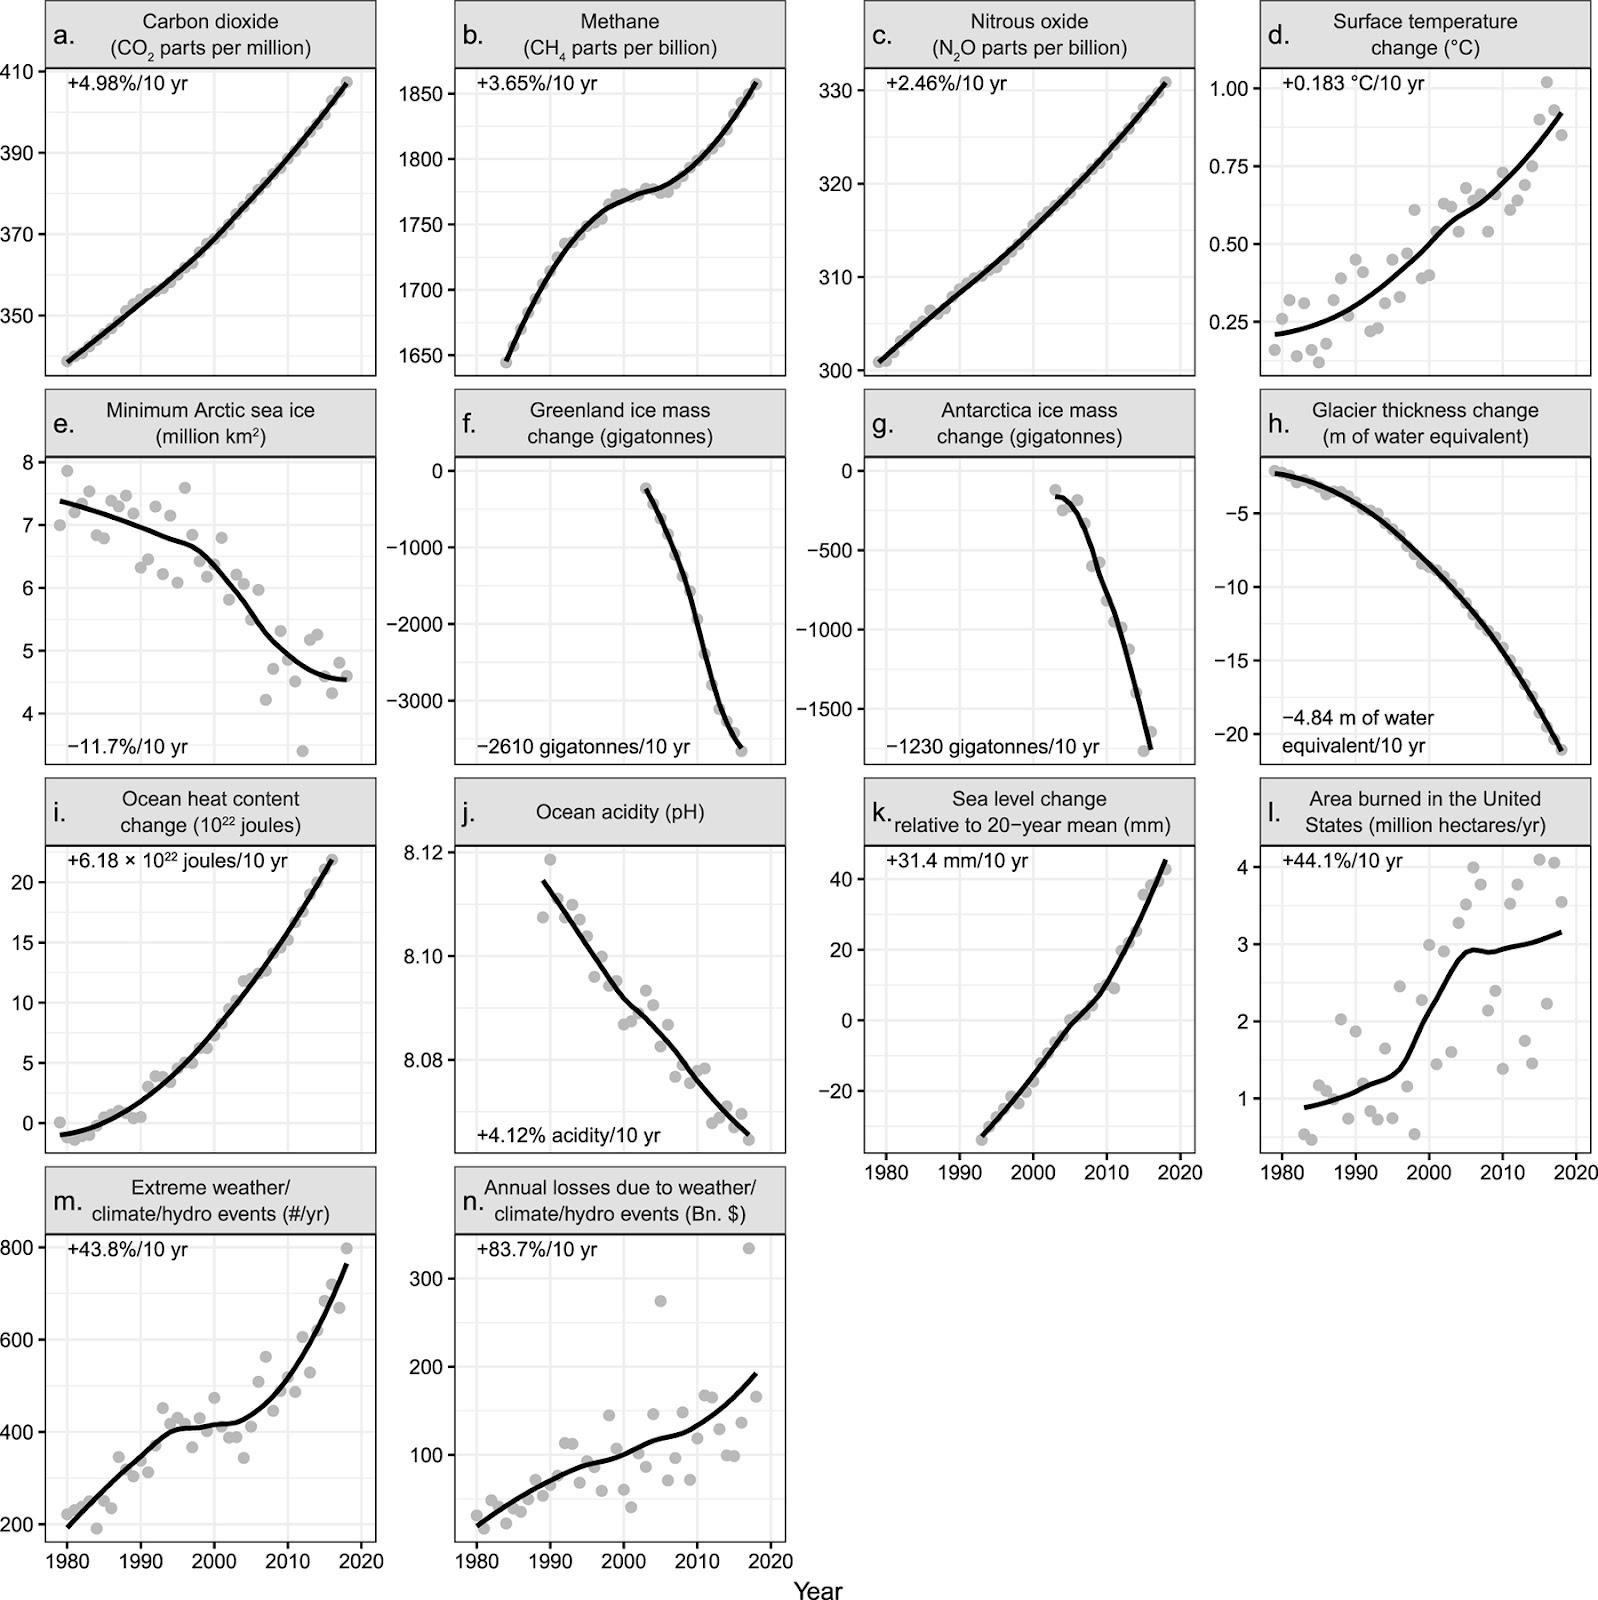 Перед вами скорости изменения за десятилетия для всех диапазонов временного ряда, начиная с 1979 года. Эти показатели выражены в процентах, за исключением интервальных переменных (d, f, g, h, i, k). Для кислотности океана (pH) процентная ставка основана на изменении активности ионов водорода, aH + (где более низкие значения pH представляют большую кислотность). Данные за год изображены серыми точками.